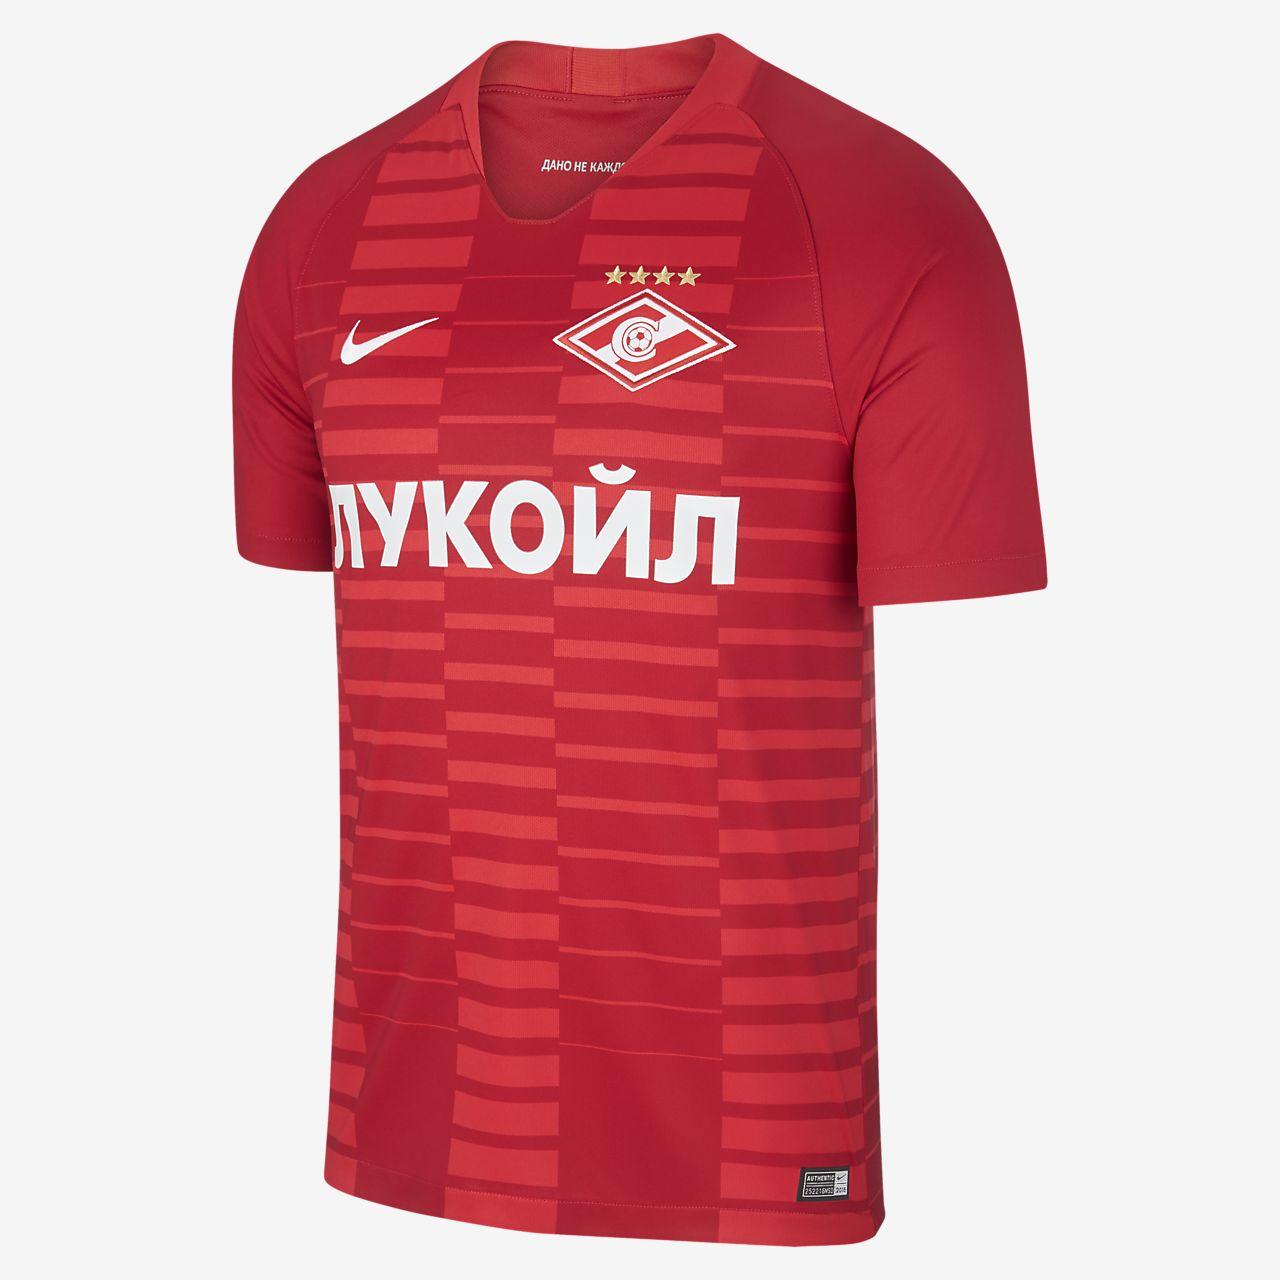 2018 19 Spartak Moscow Stadium Home Men s Football Shirt. Nike.com IE 1ebaa1e6e